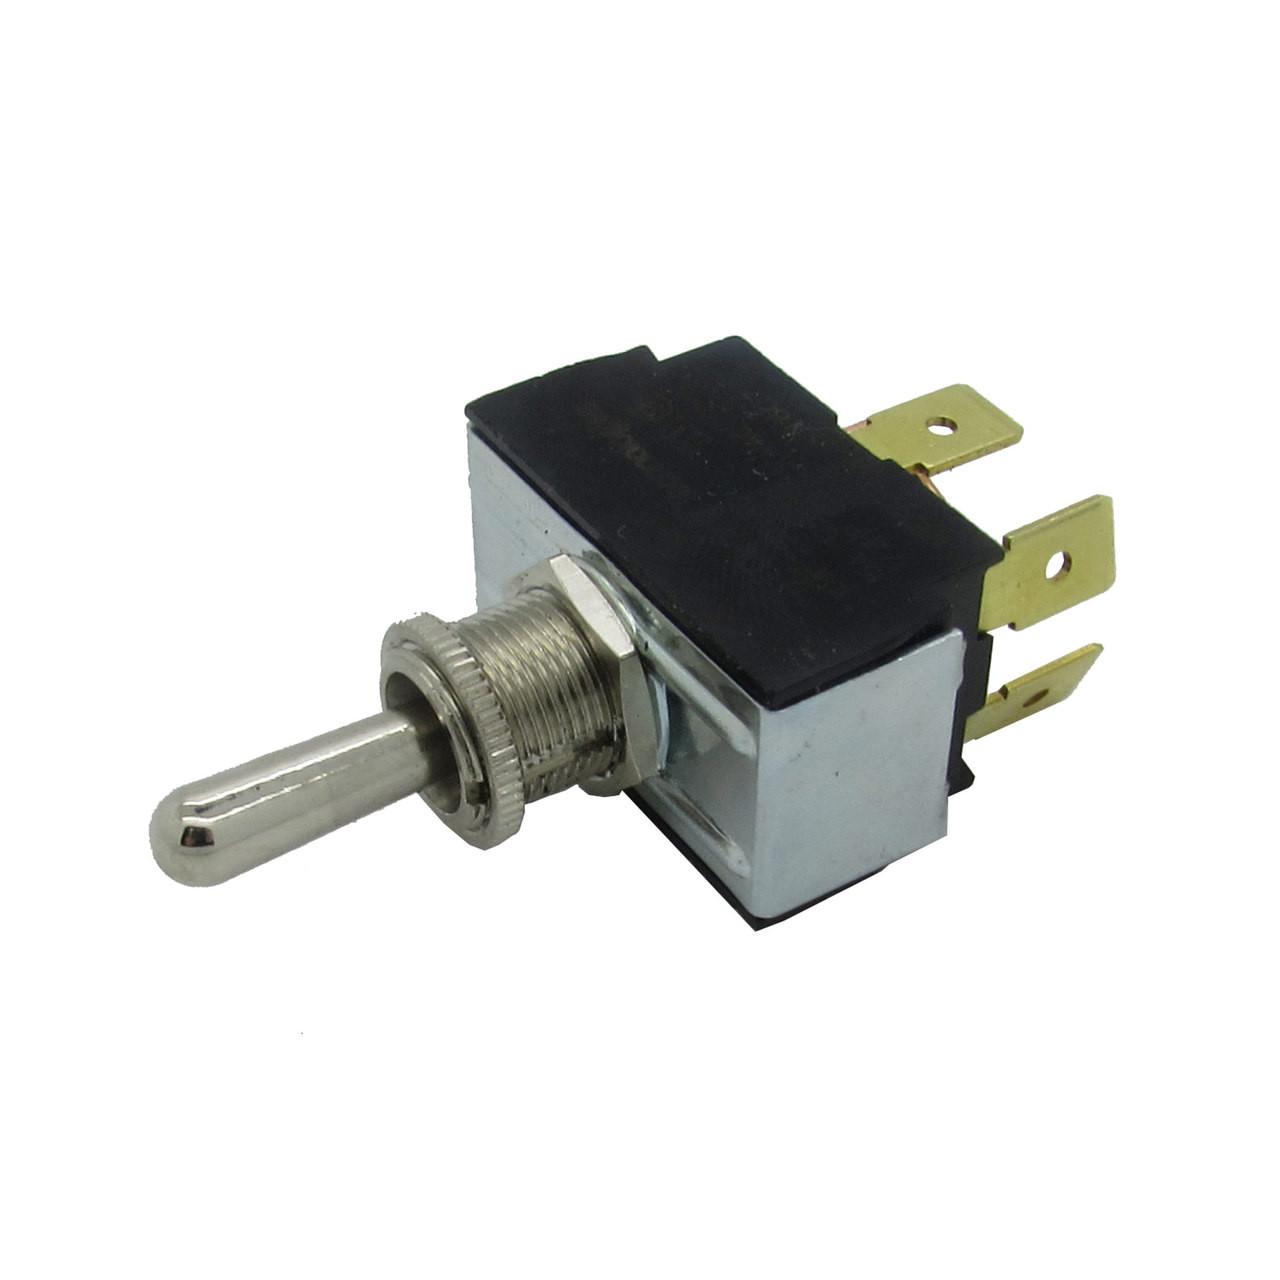 Cannon Downrigger Parts : Cannon downrigger part  prong switch